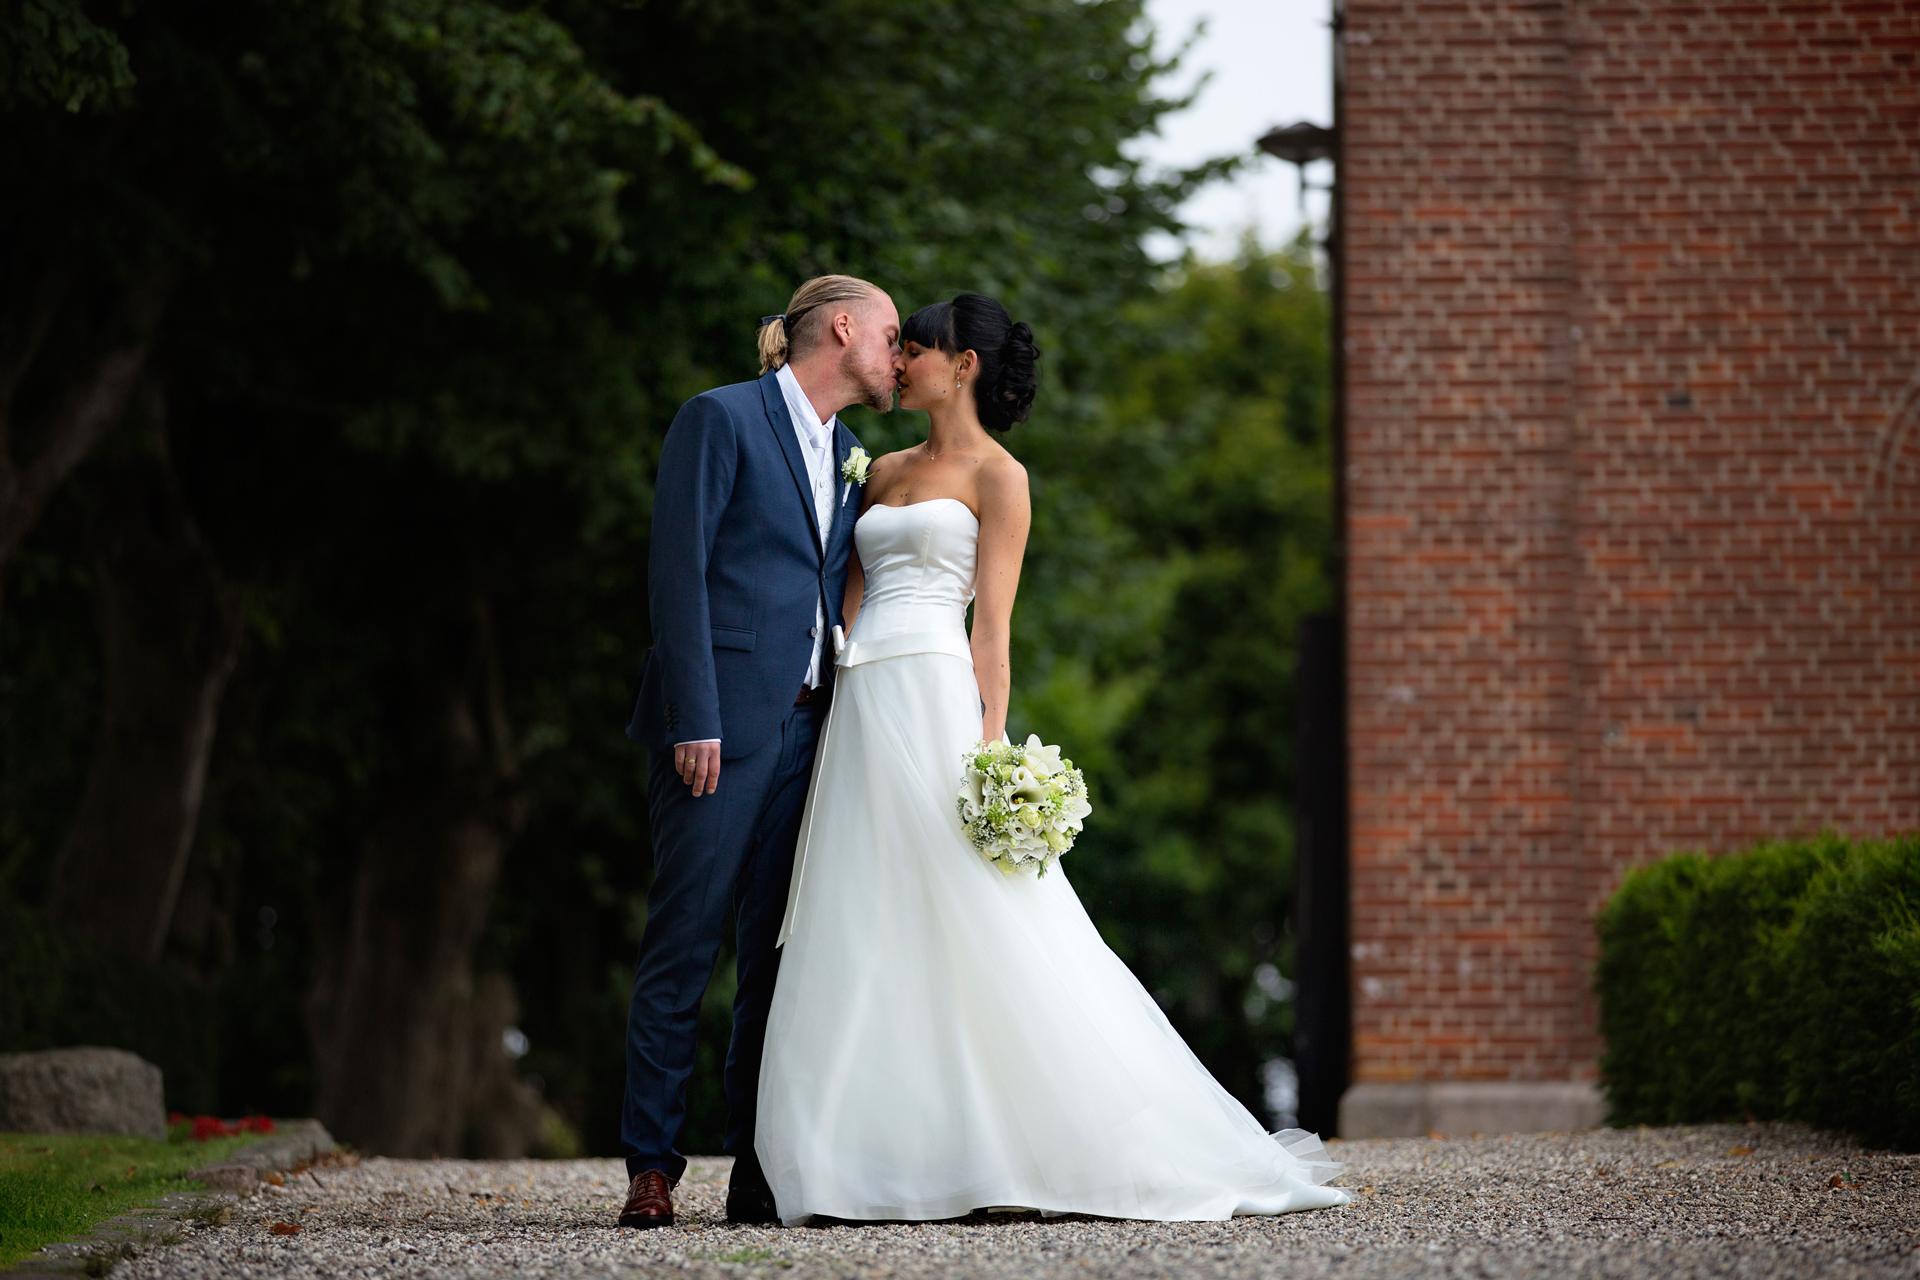 Bryllupsfotografering i Viborg - Bryllupsfotograf Mogens Balslev - 37